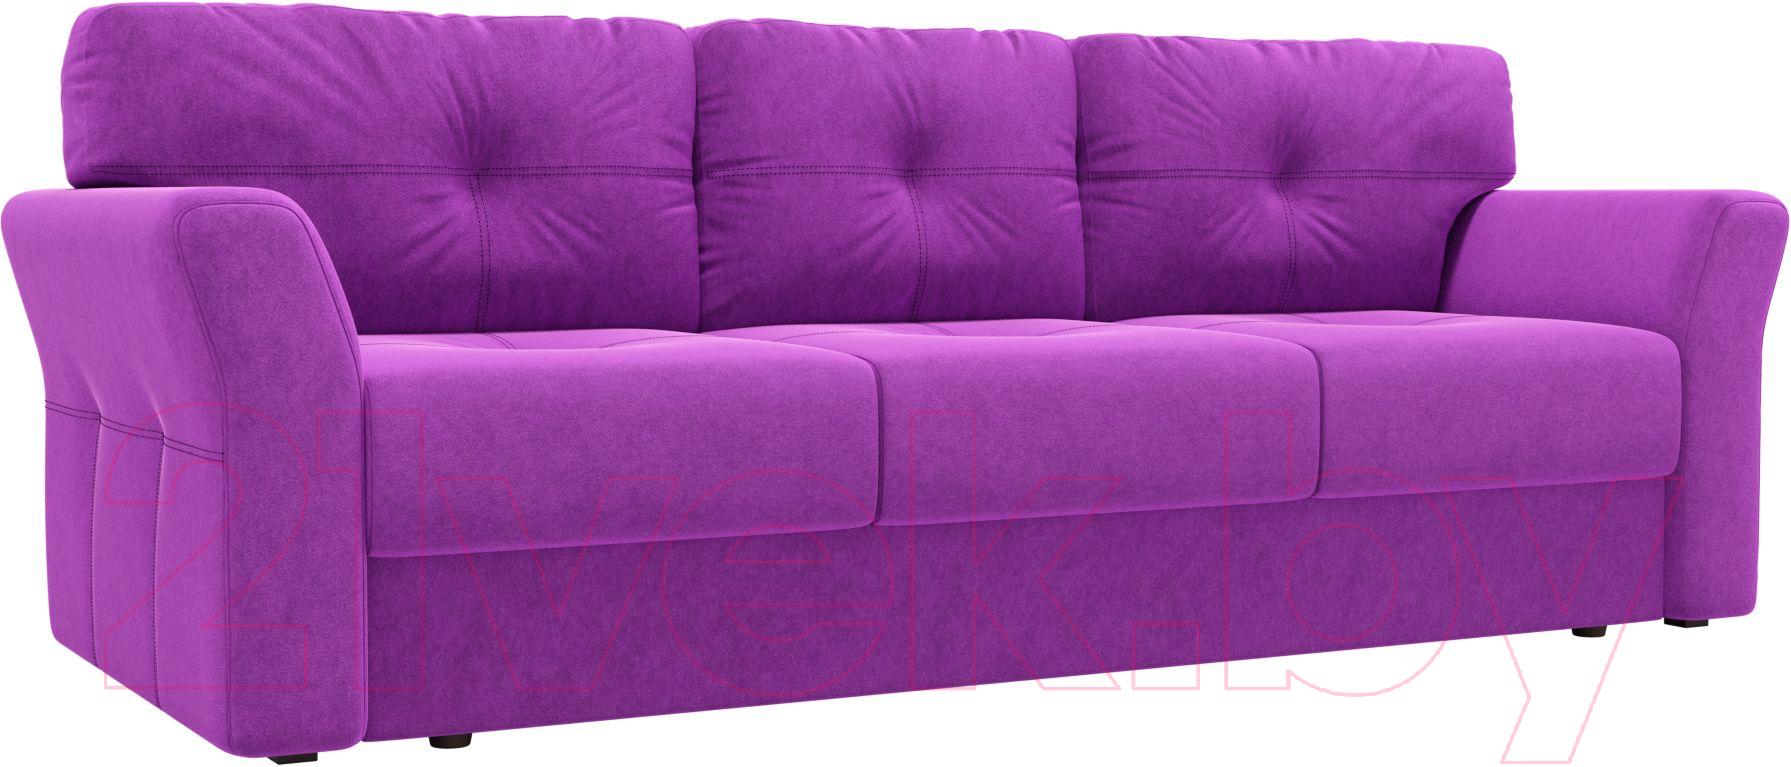 Купить Диван Лига Диванов, Манхеттен 116 / 58649 (микровельвет, фиолетовый), Россия